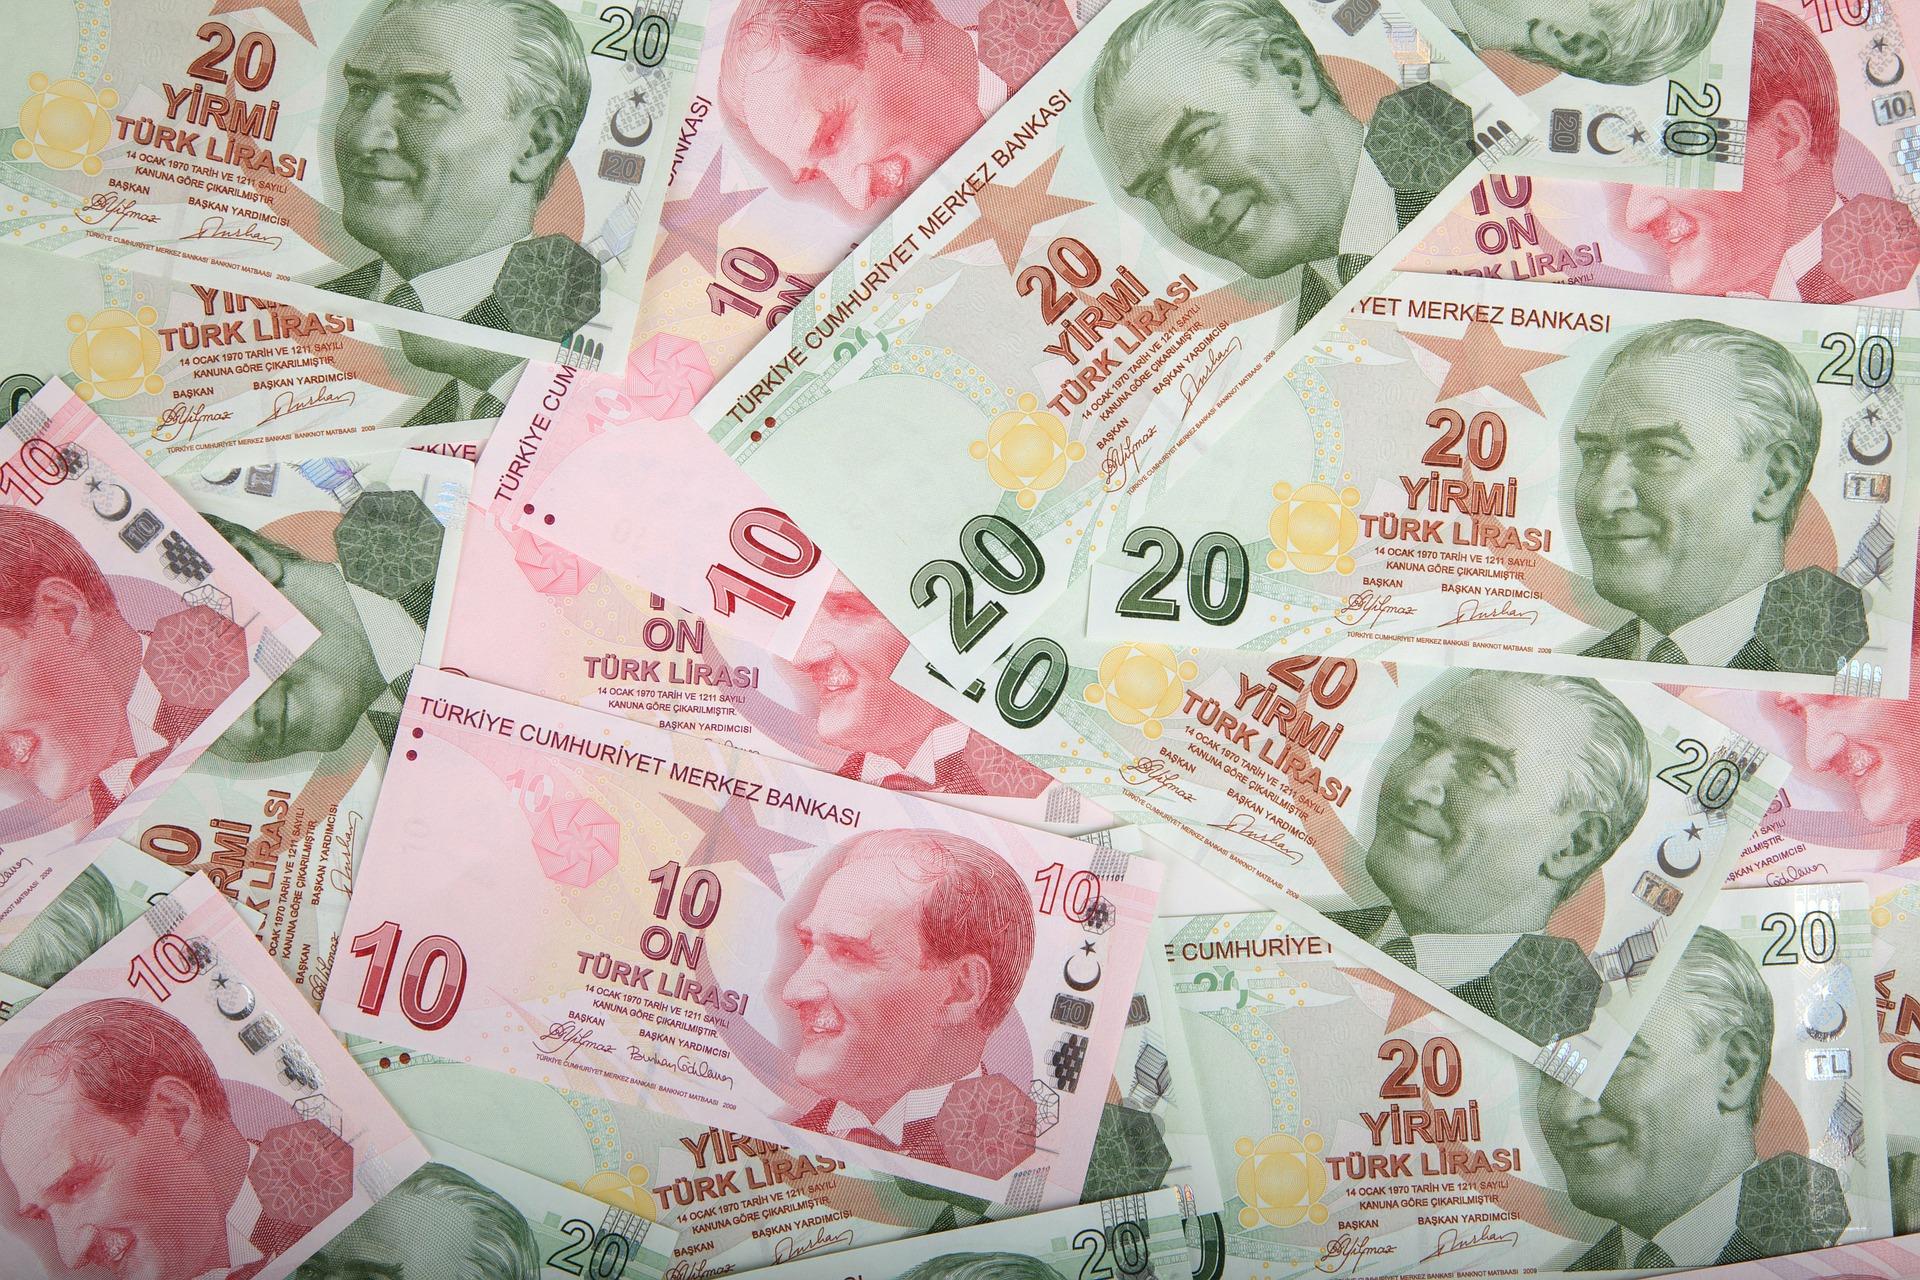 Banknoty liry tureckiej nominały 20 lir oraz 10 lir